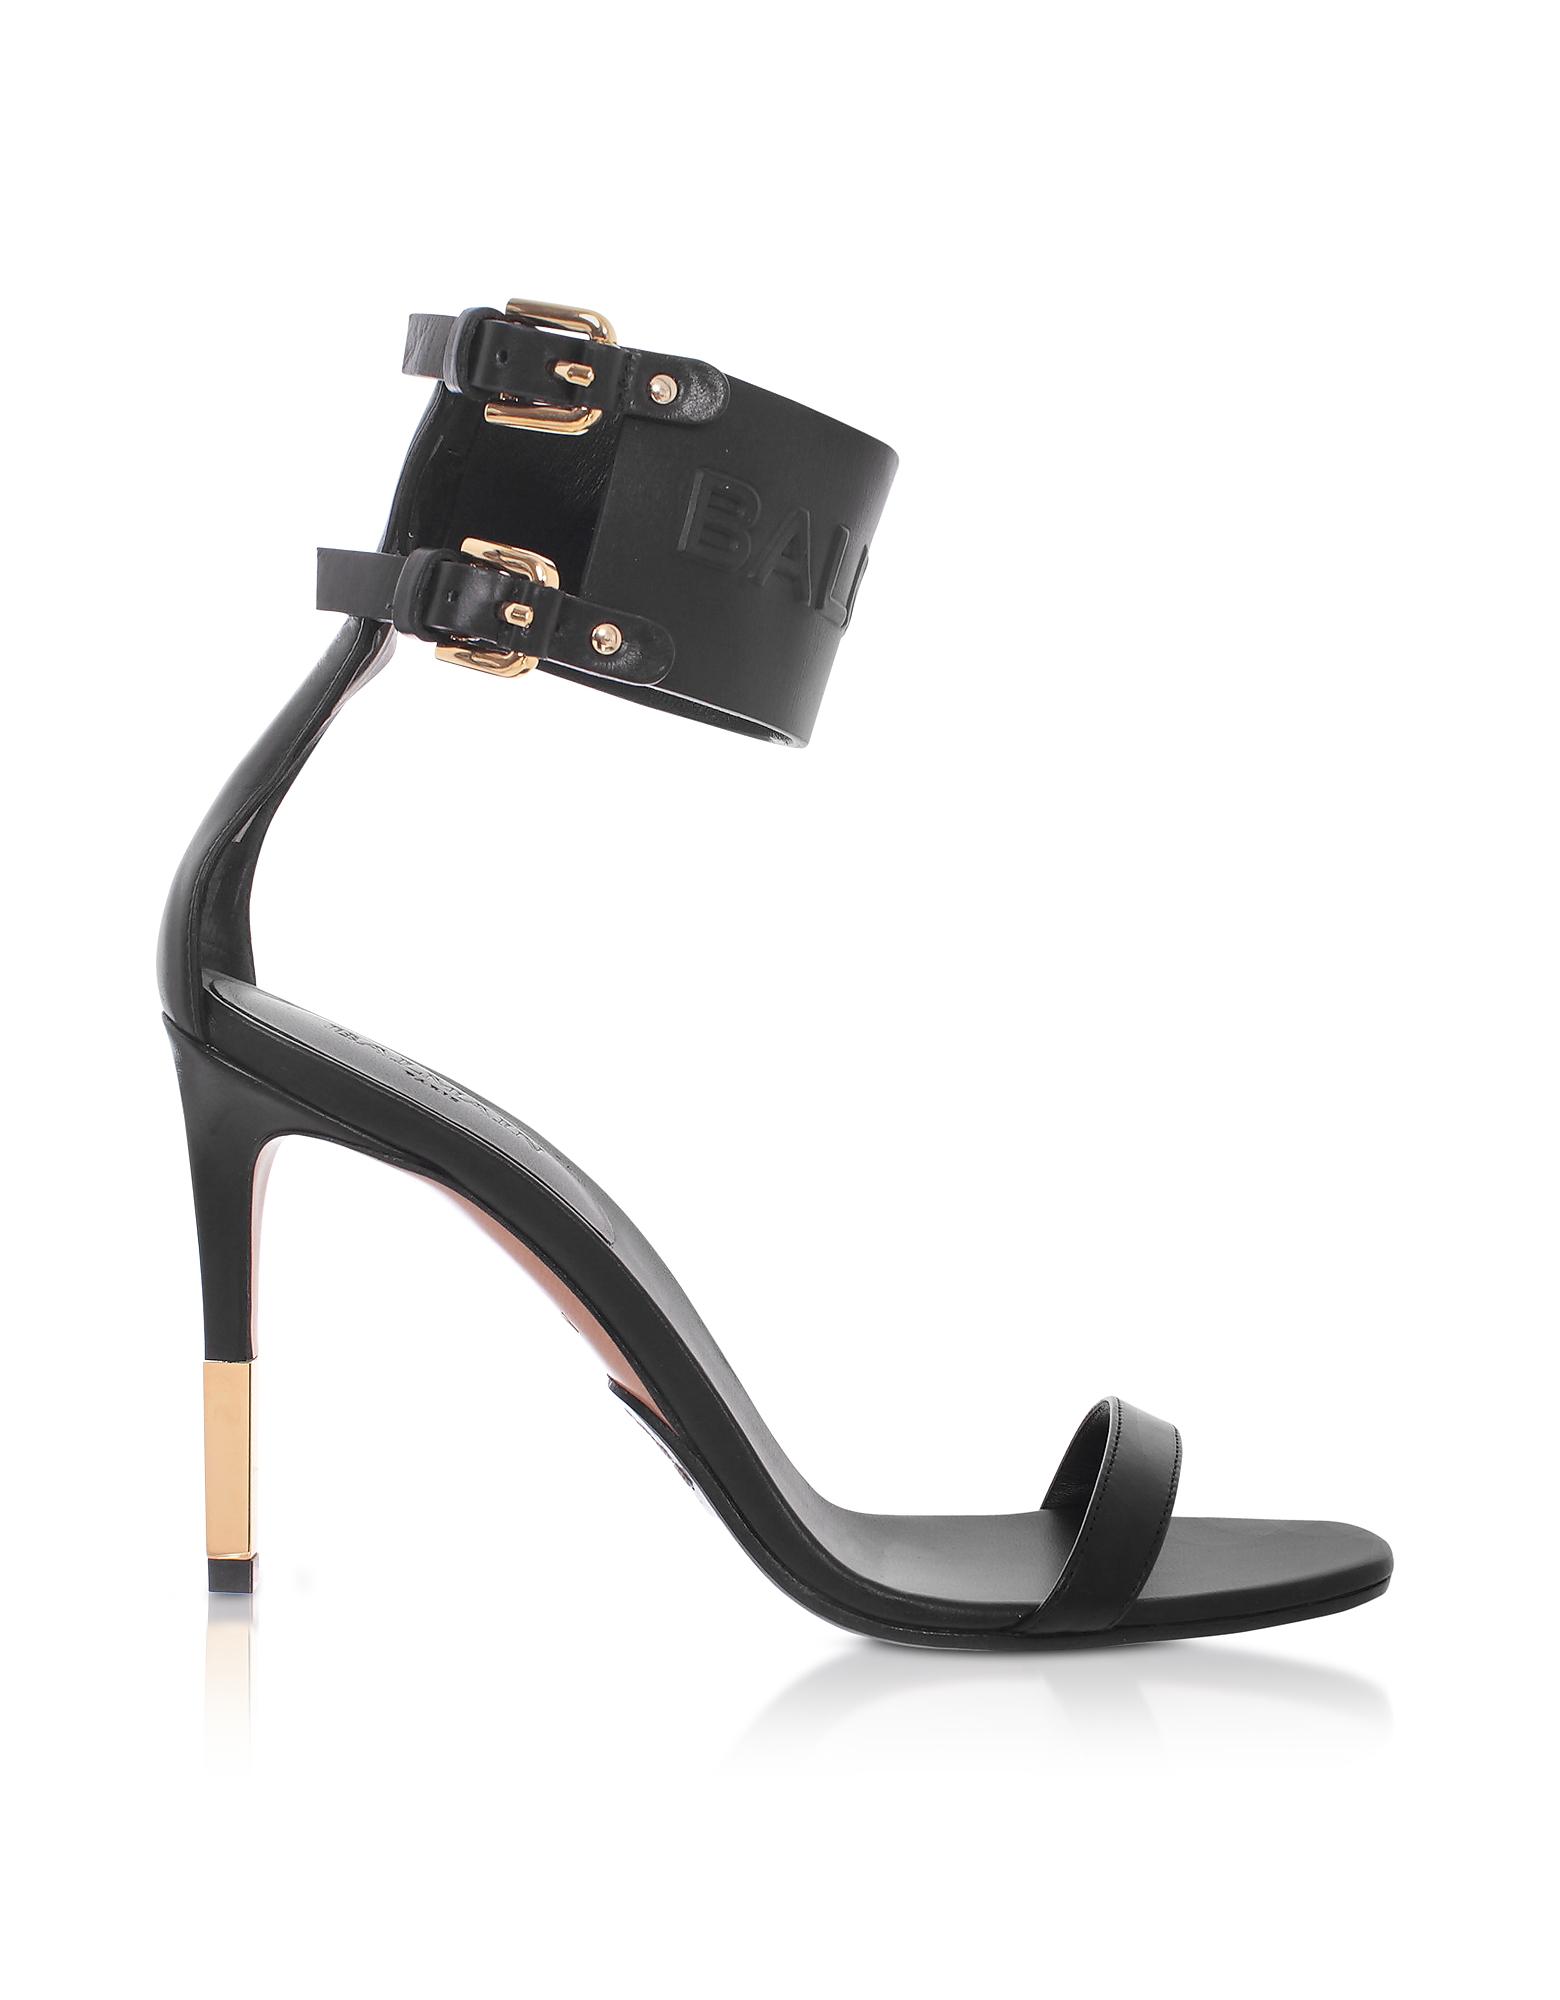 Balmain Shoes, Black Leather Dune Sandals